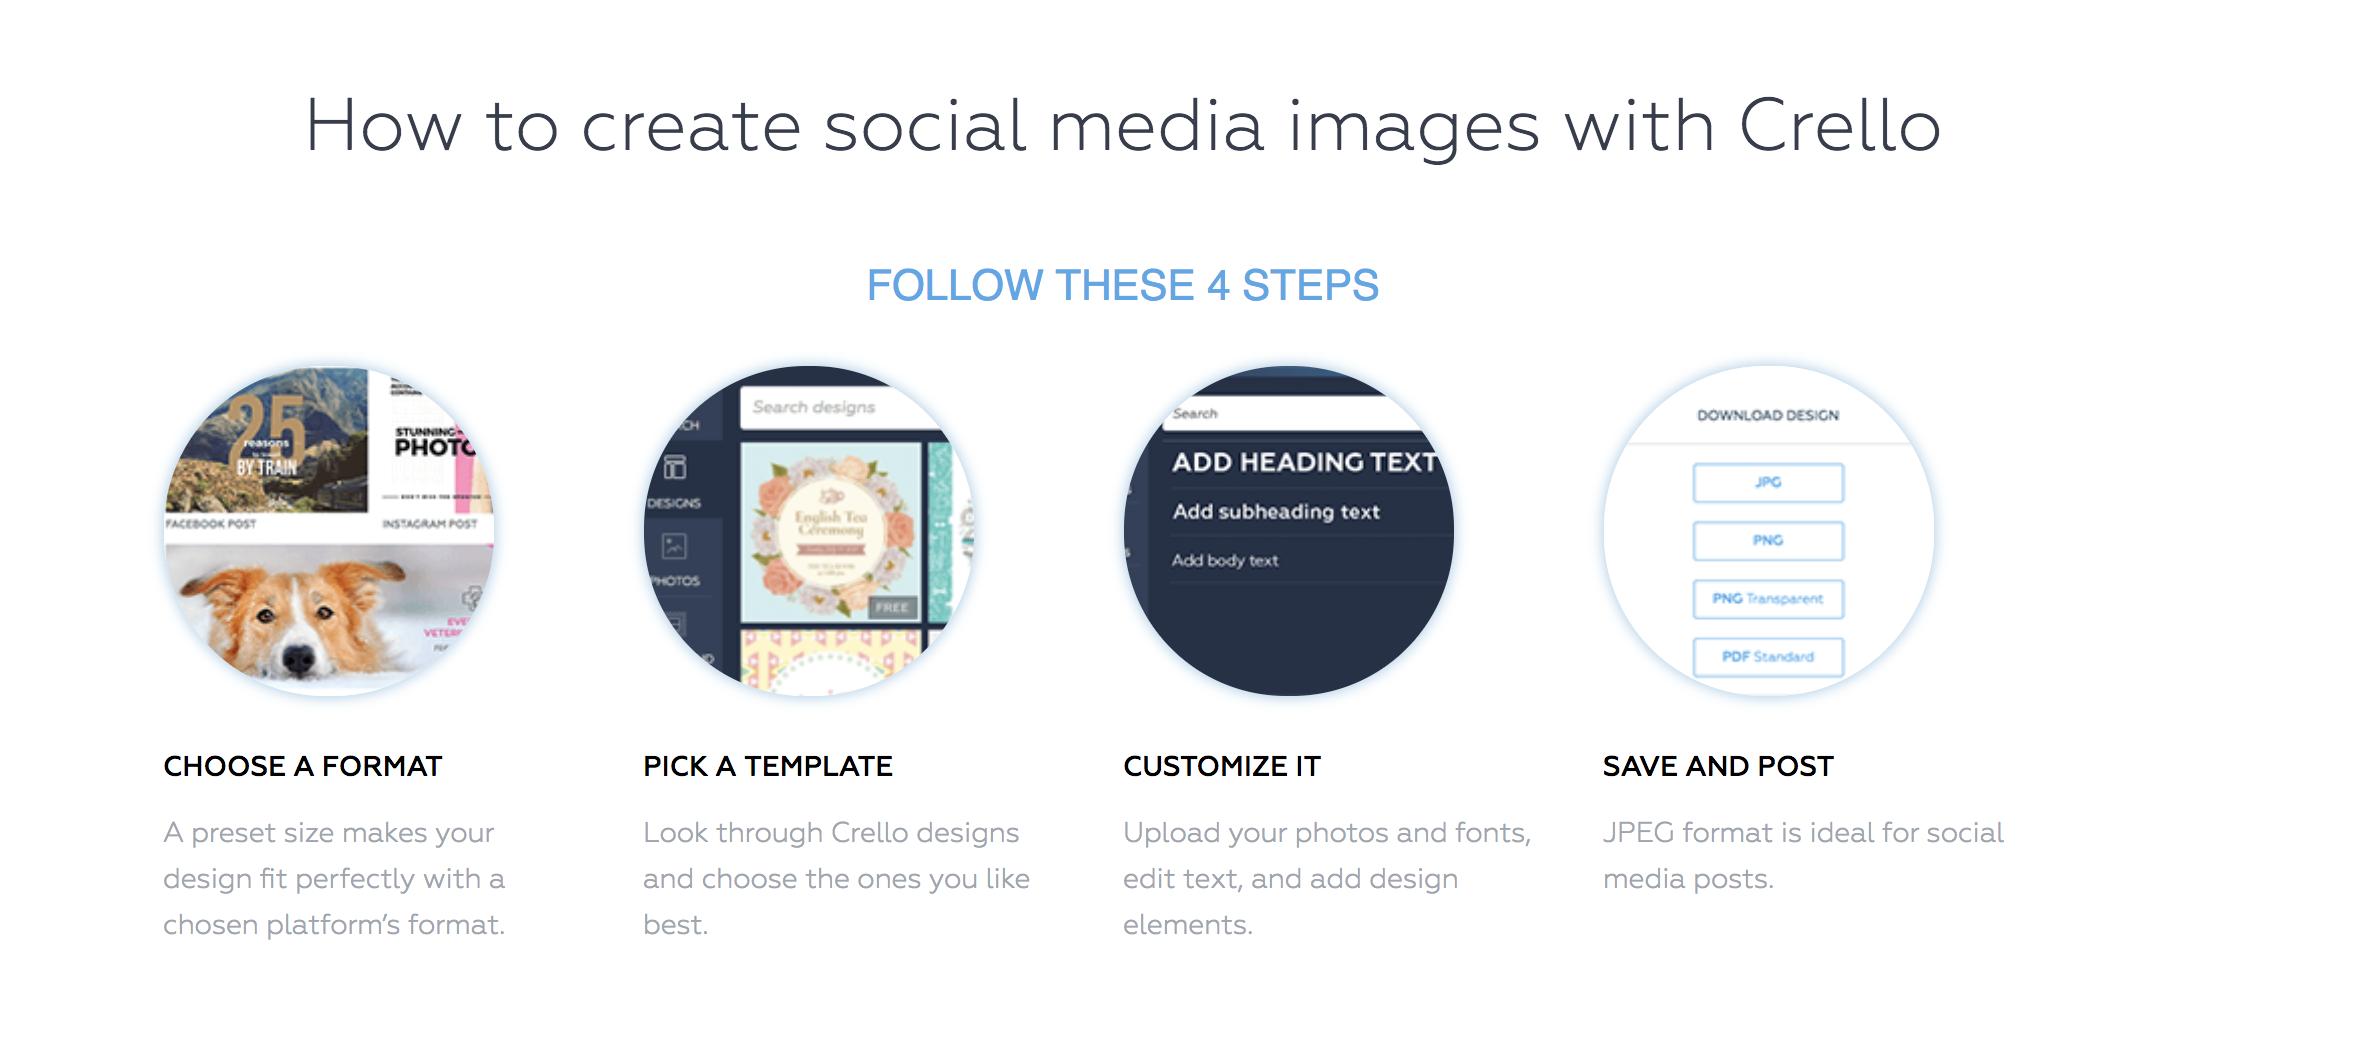 crello templates online image editor